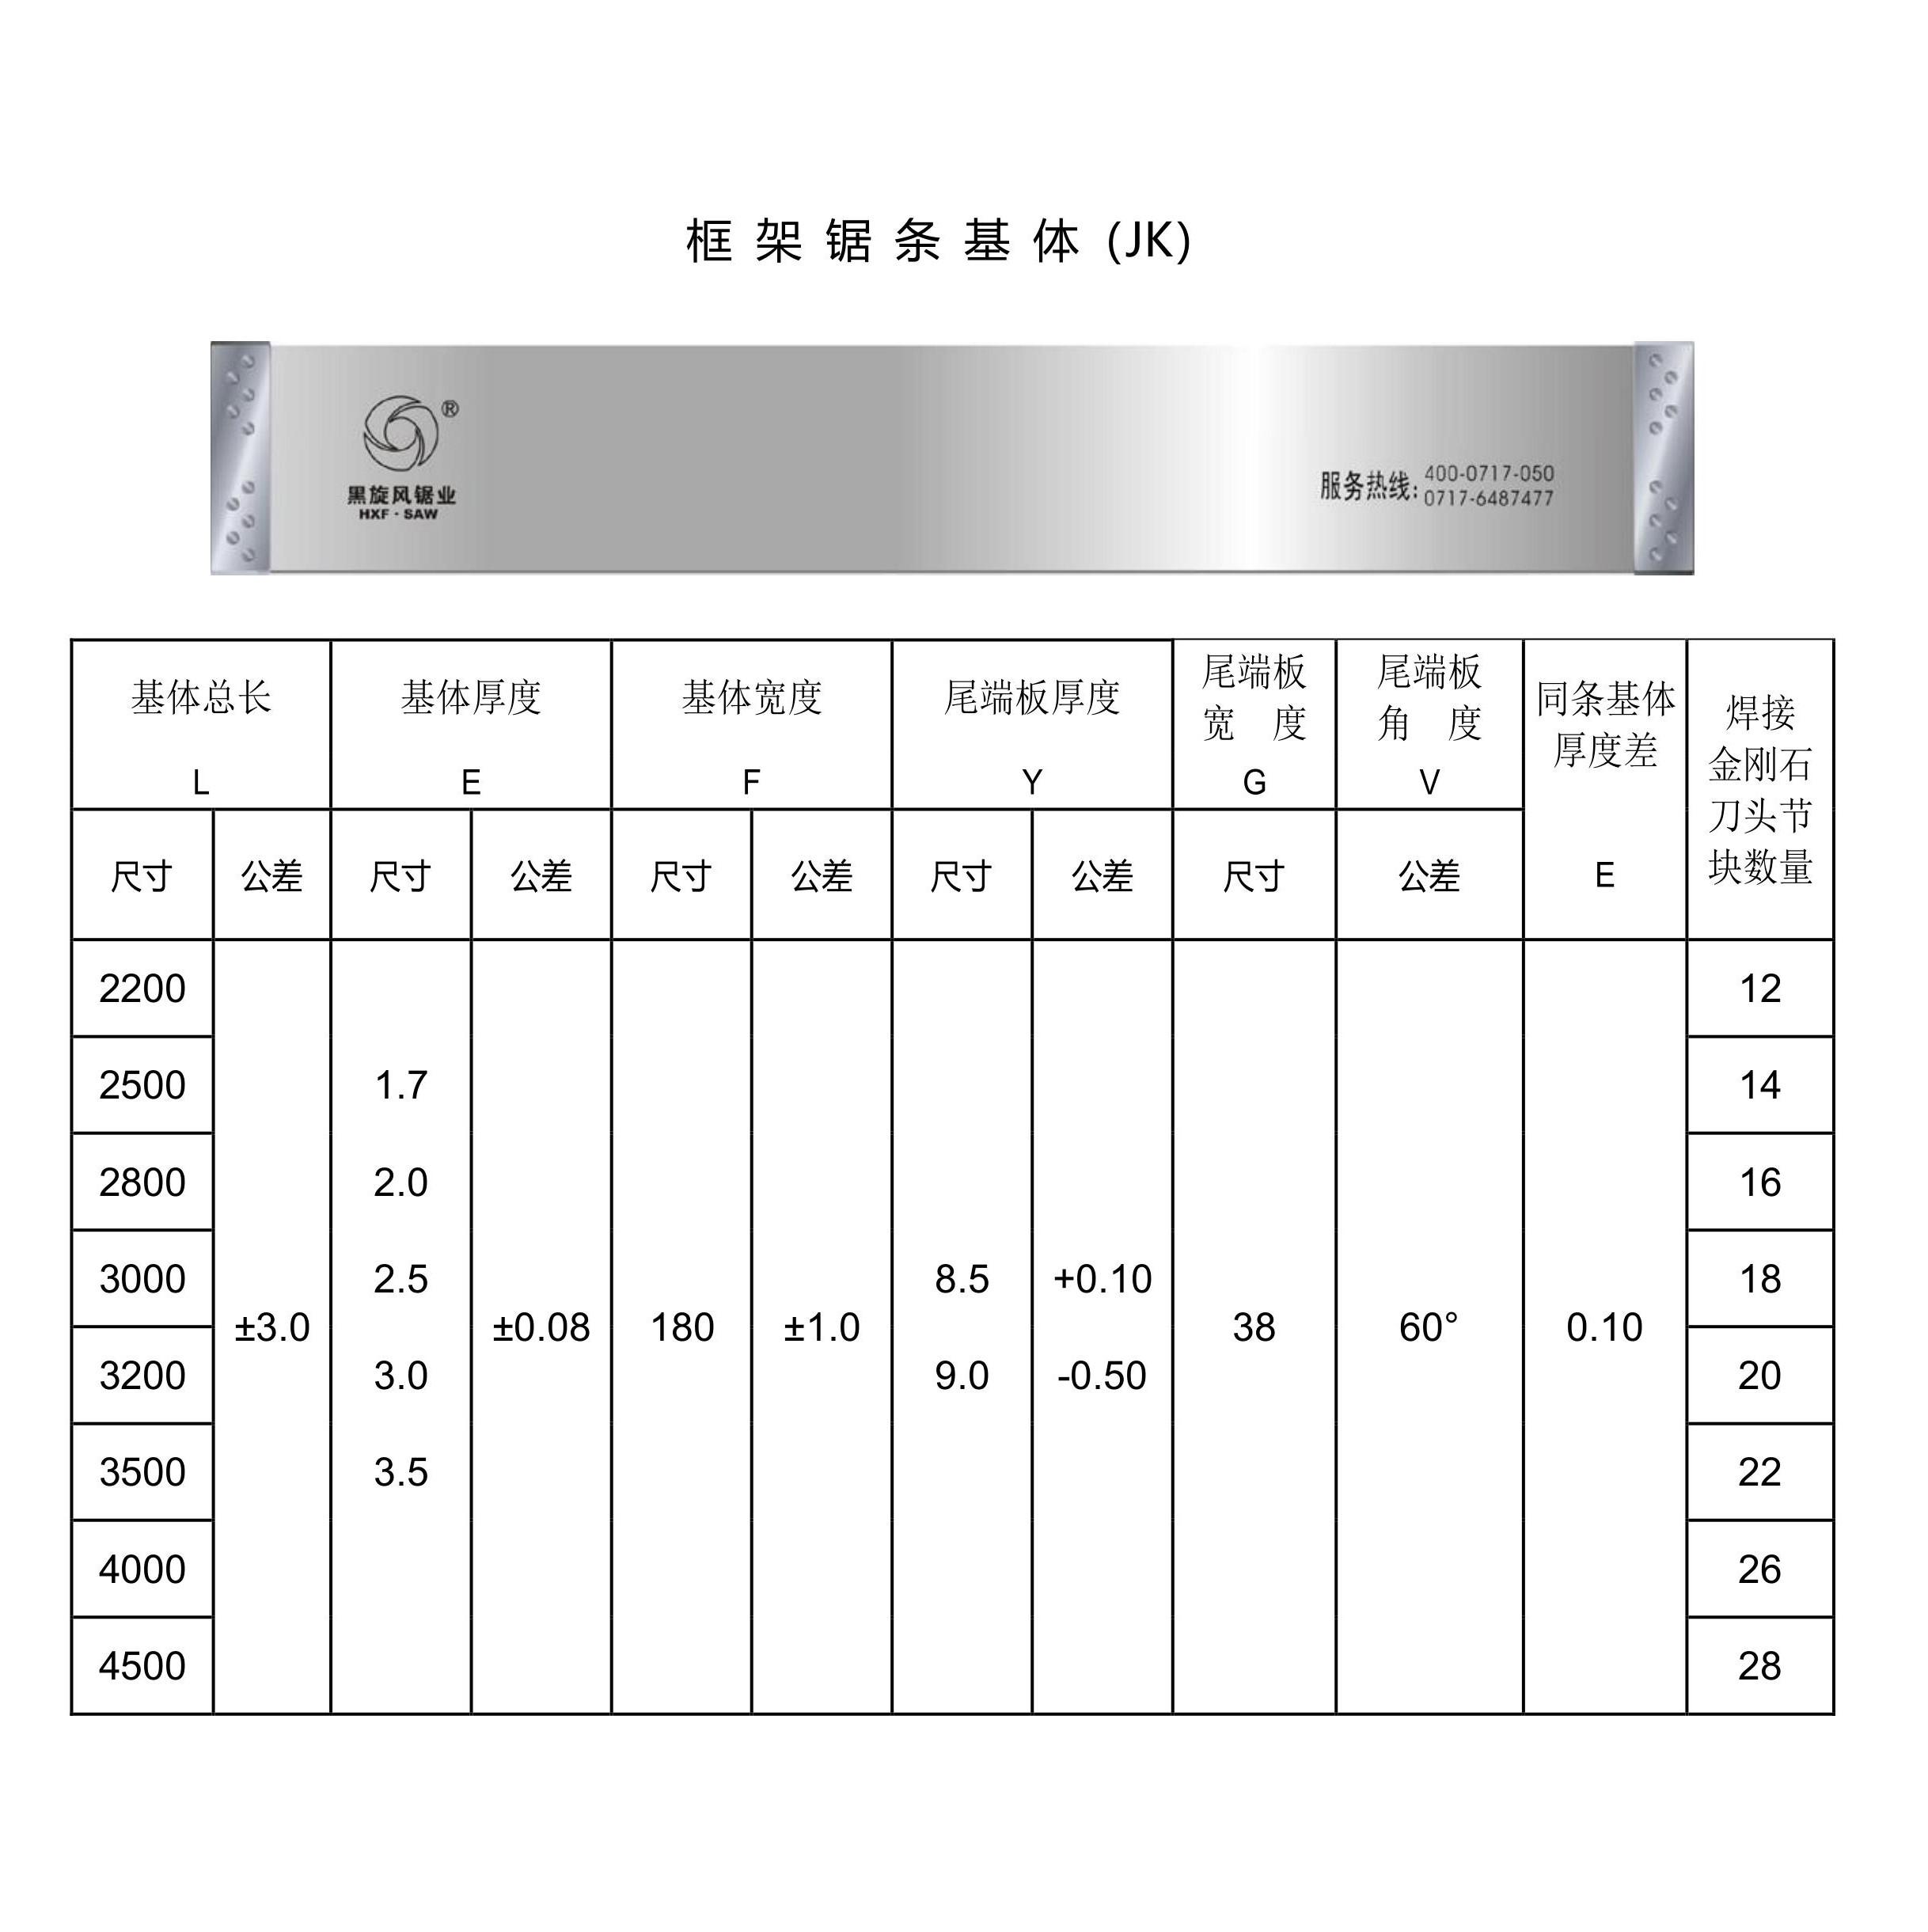 產品分類圖片文件-07.JK框架鋸條_CN01_1